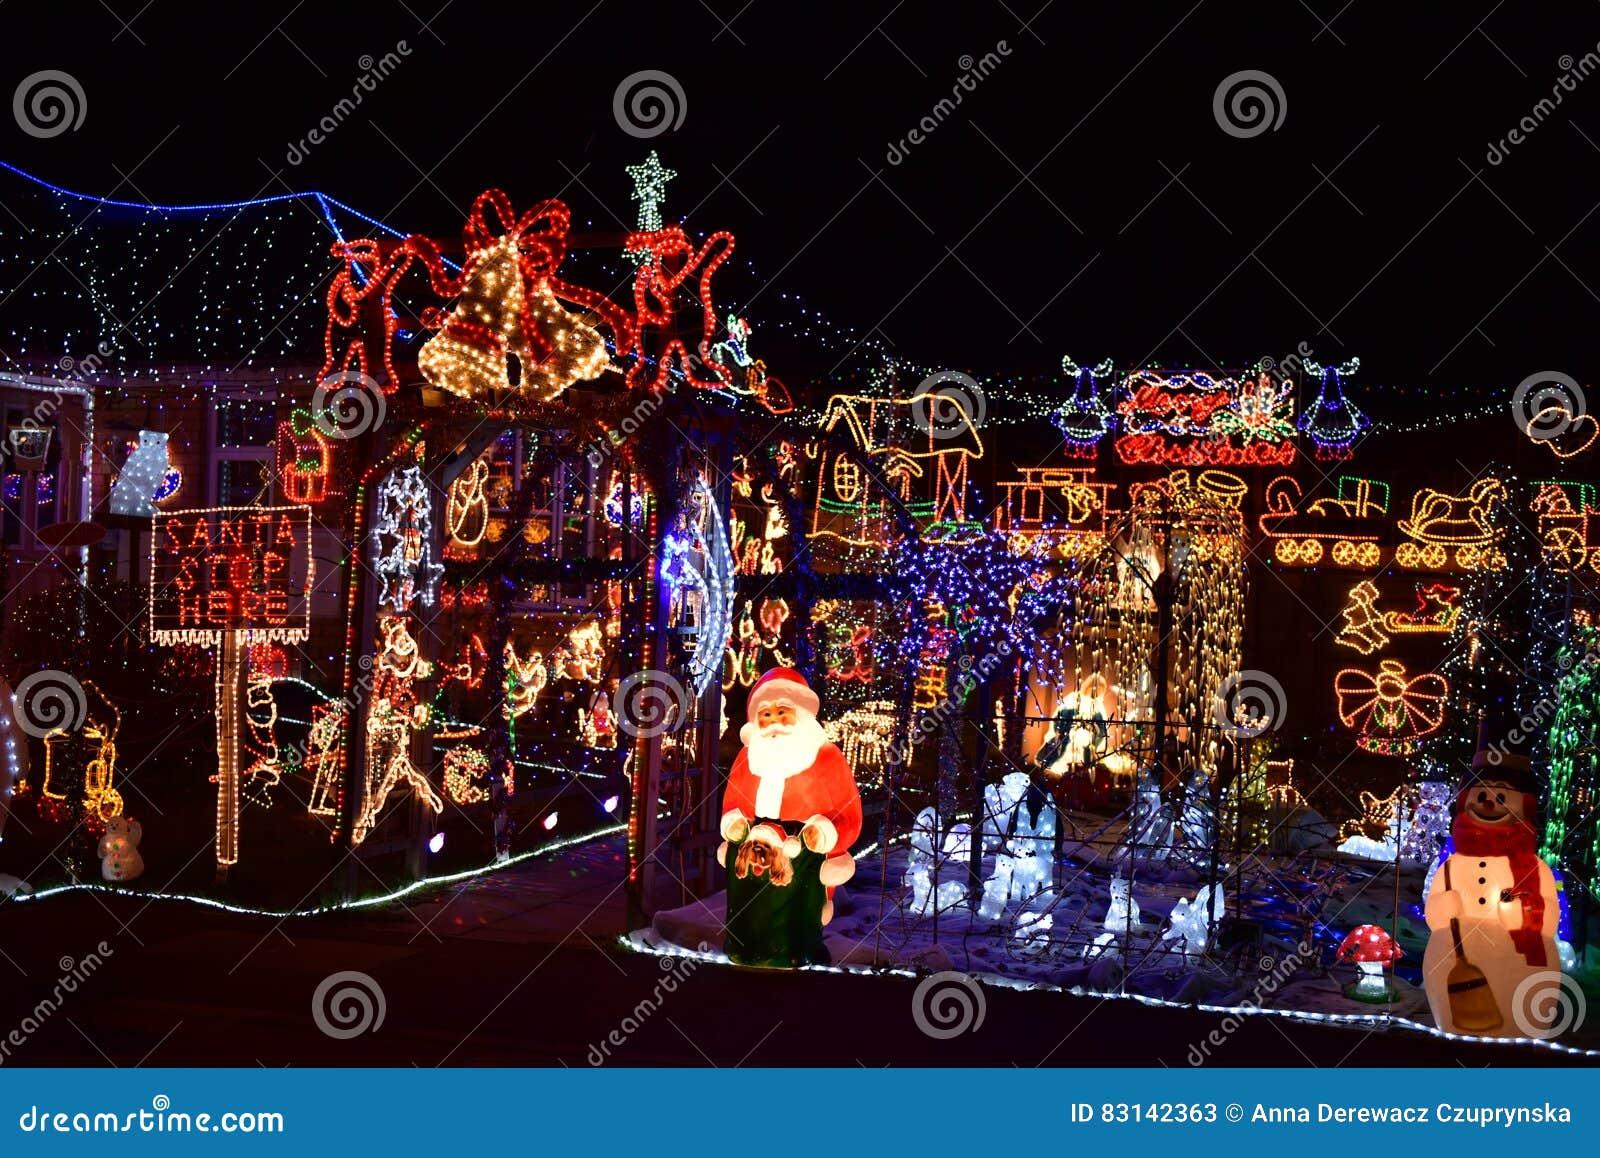 Christmas lights stock image. Image of lights, time, lighting - 83142363